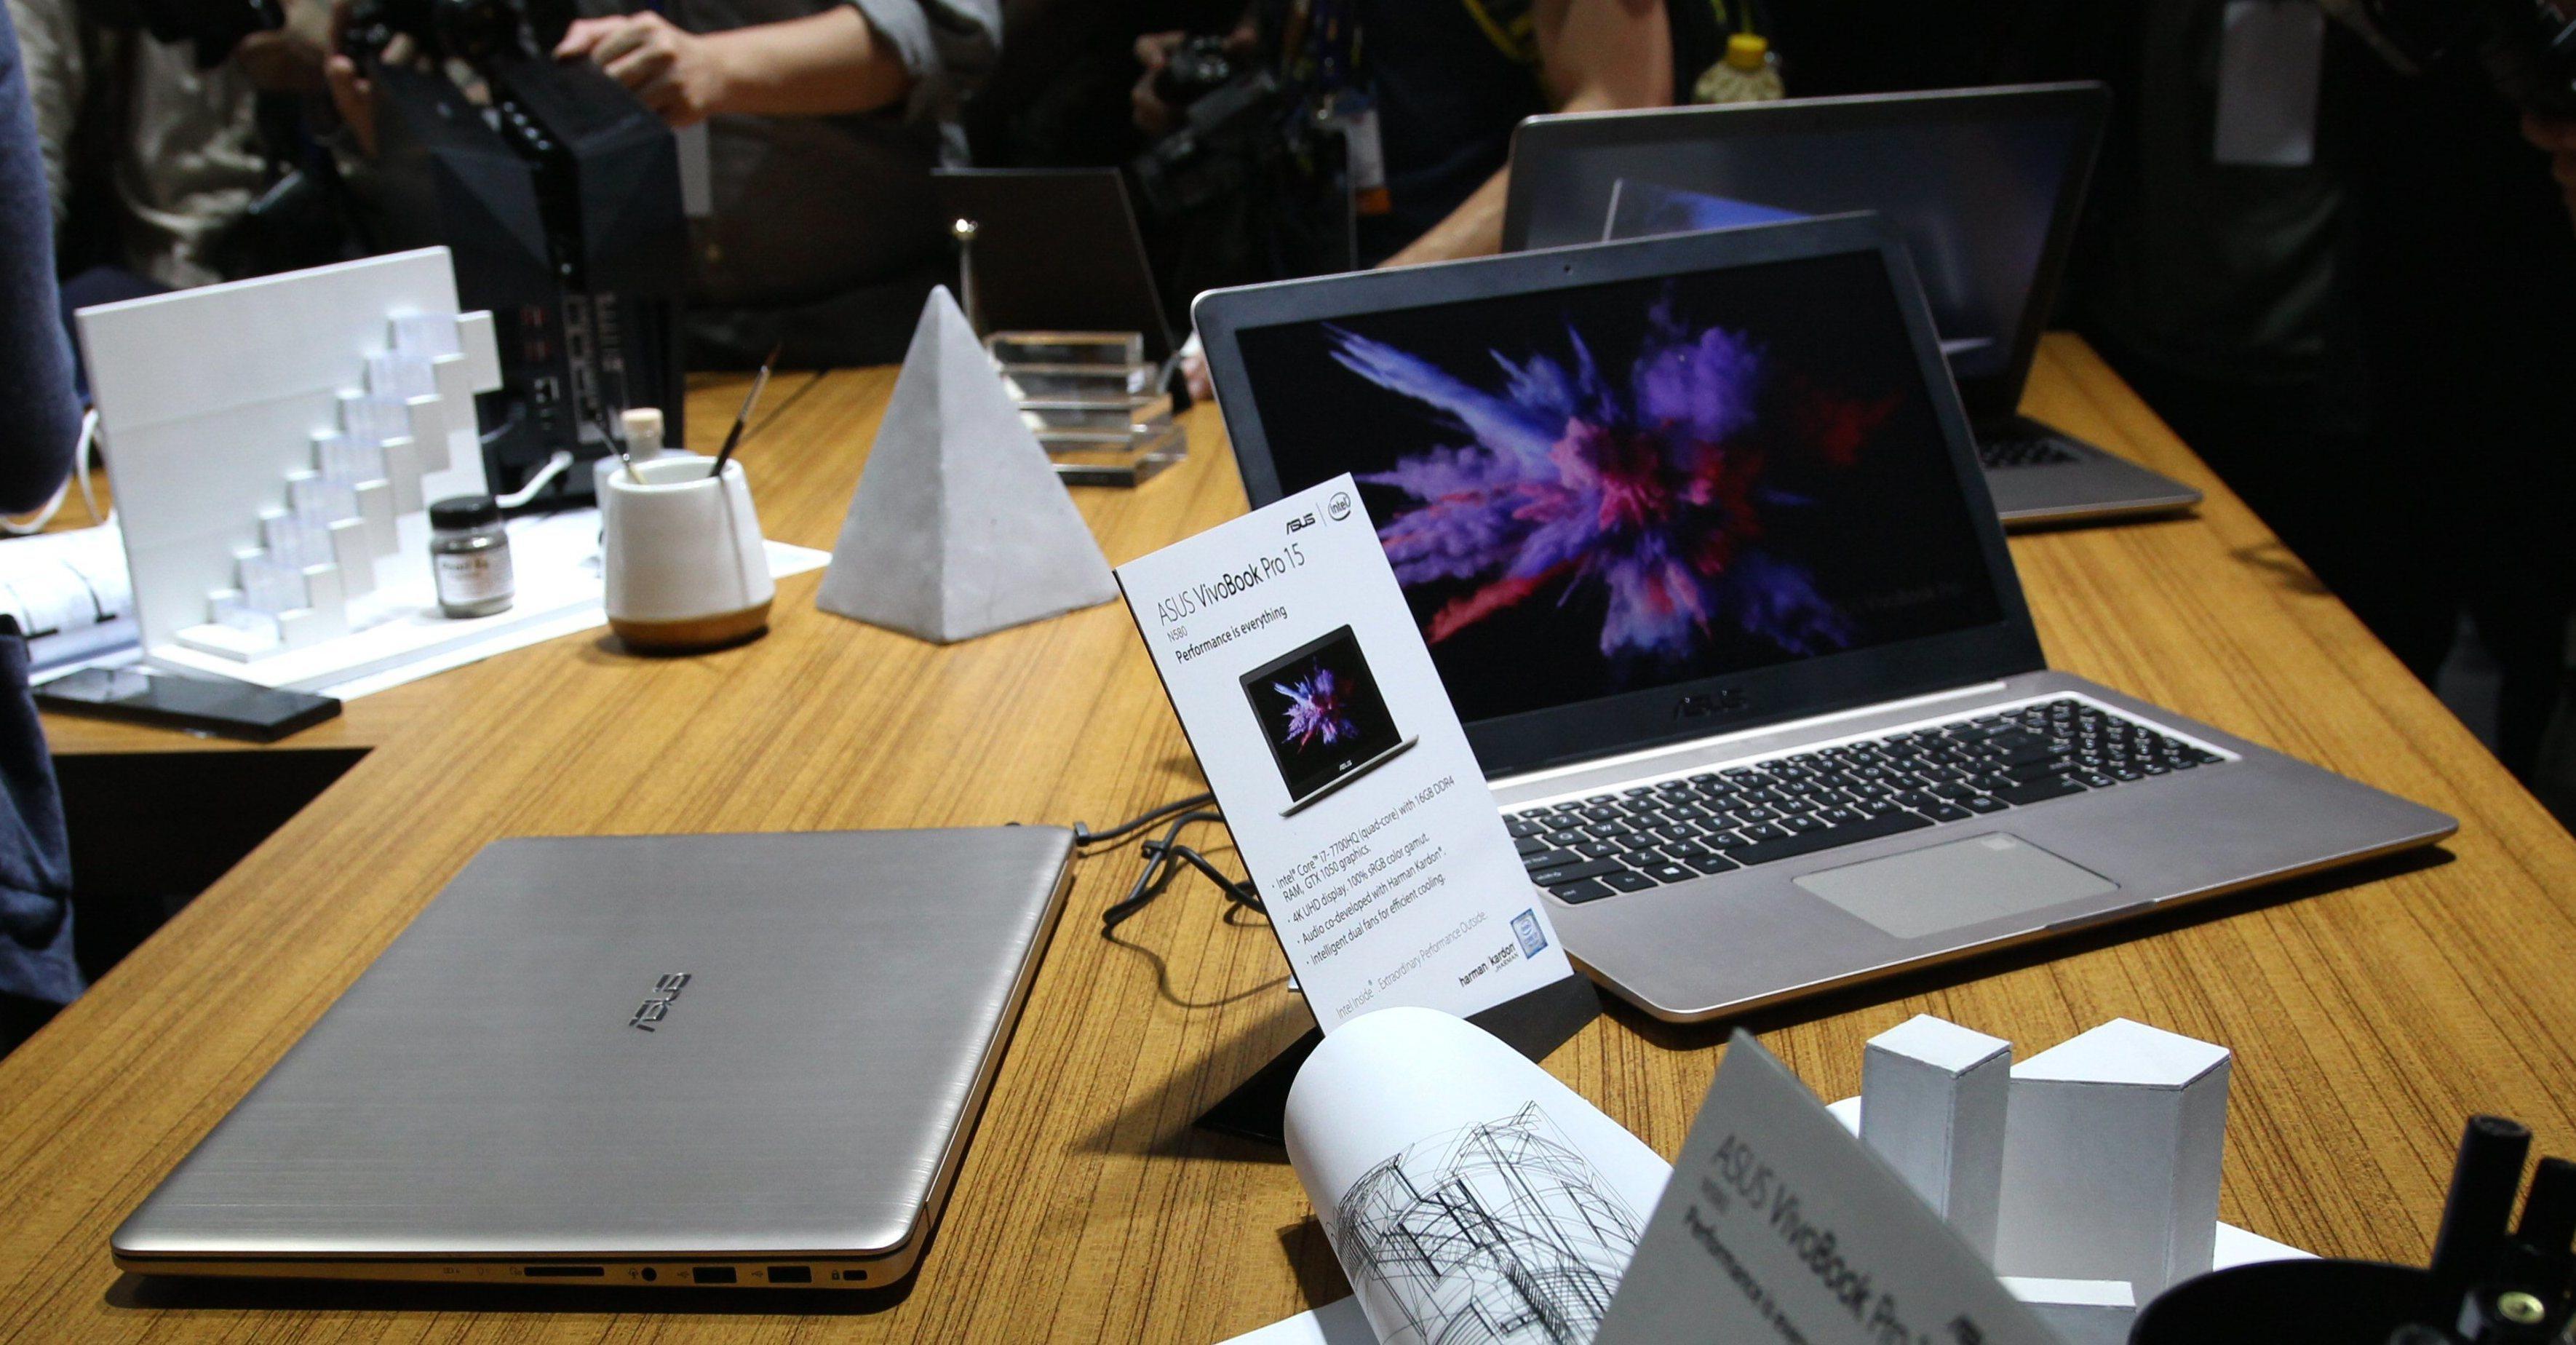 VivoBook Pro 15 i åpen og lukket tilstand.